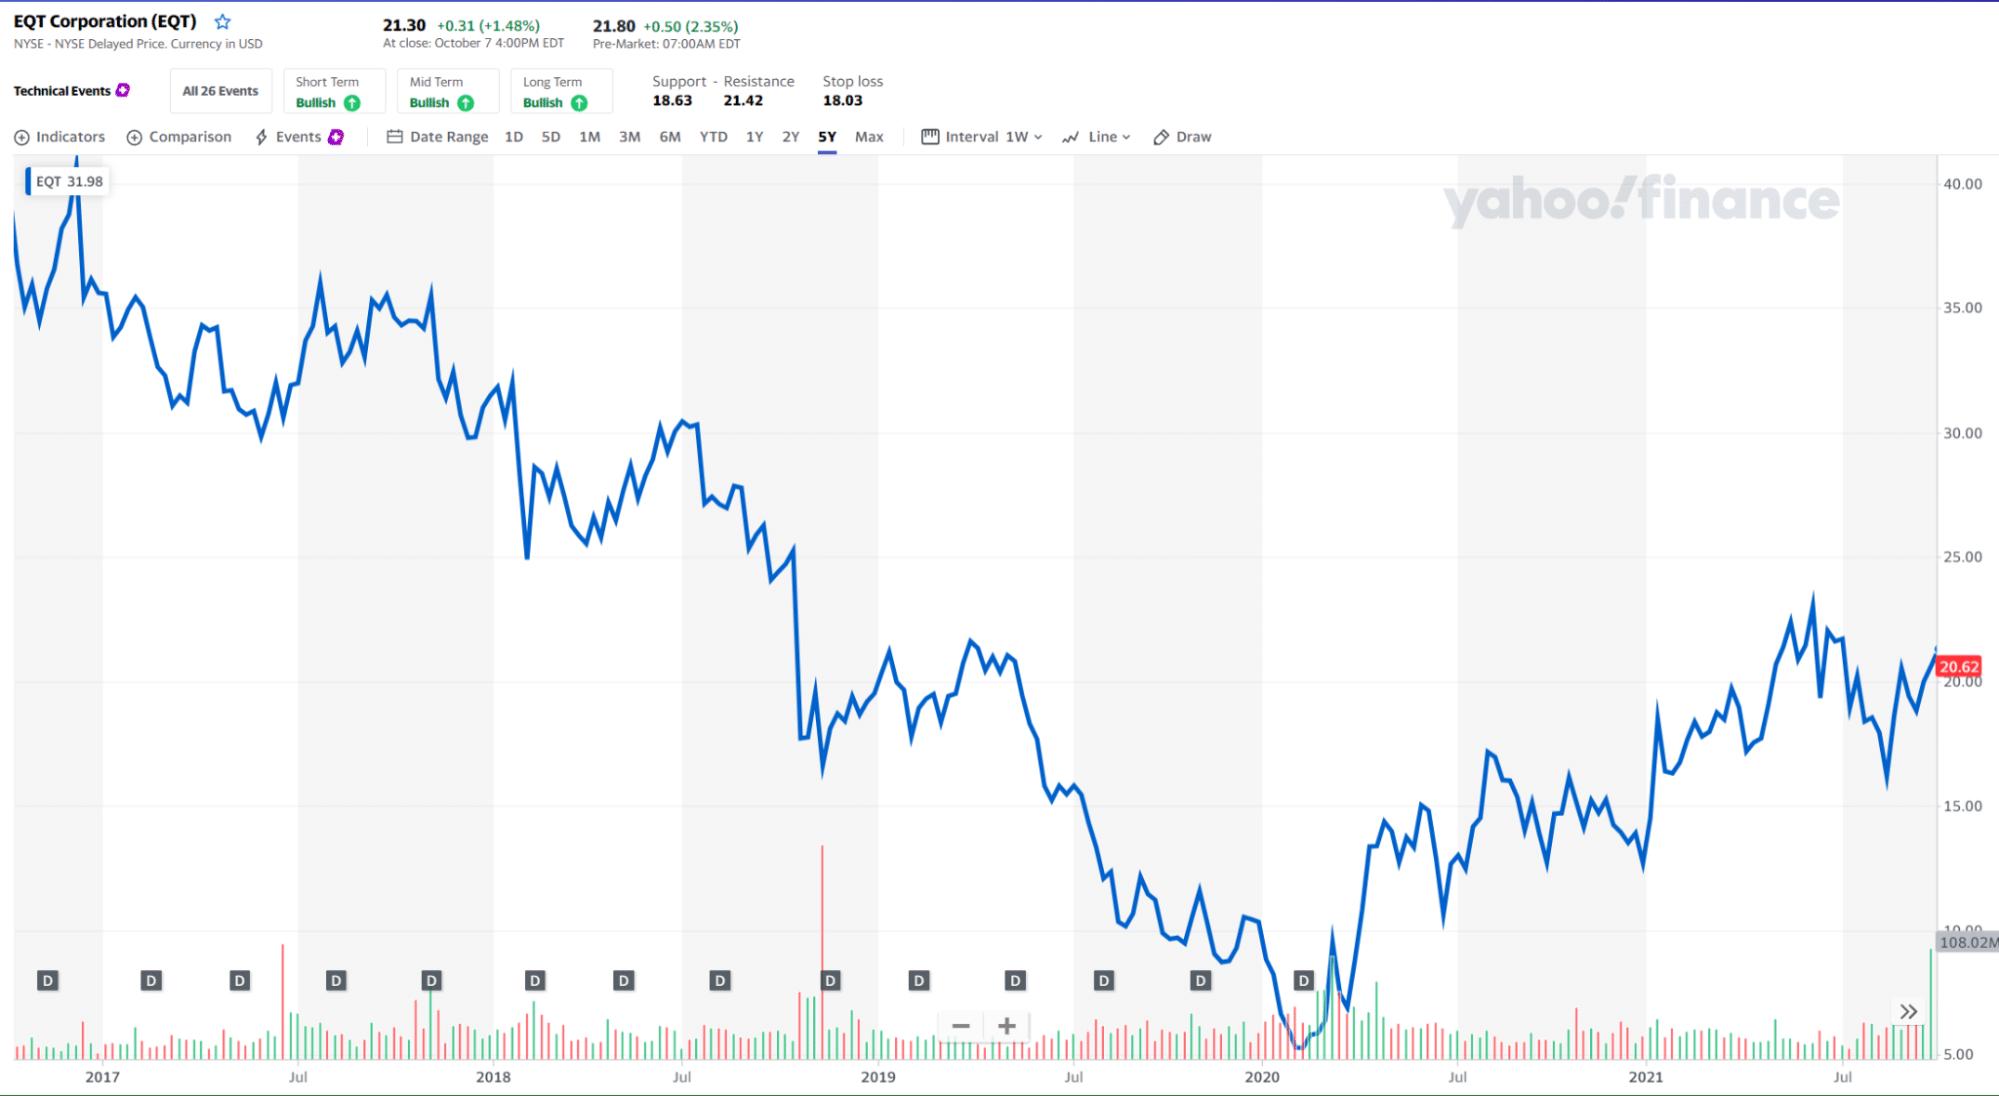 EQT price chart